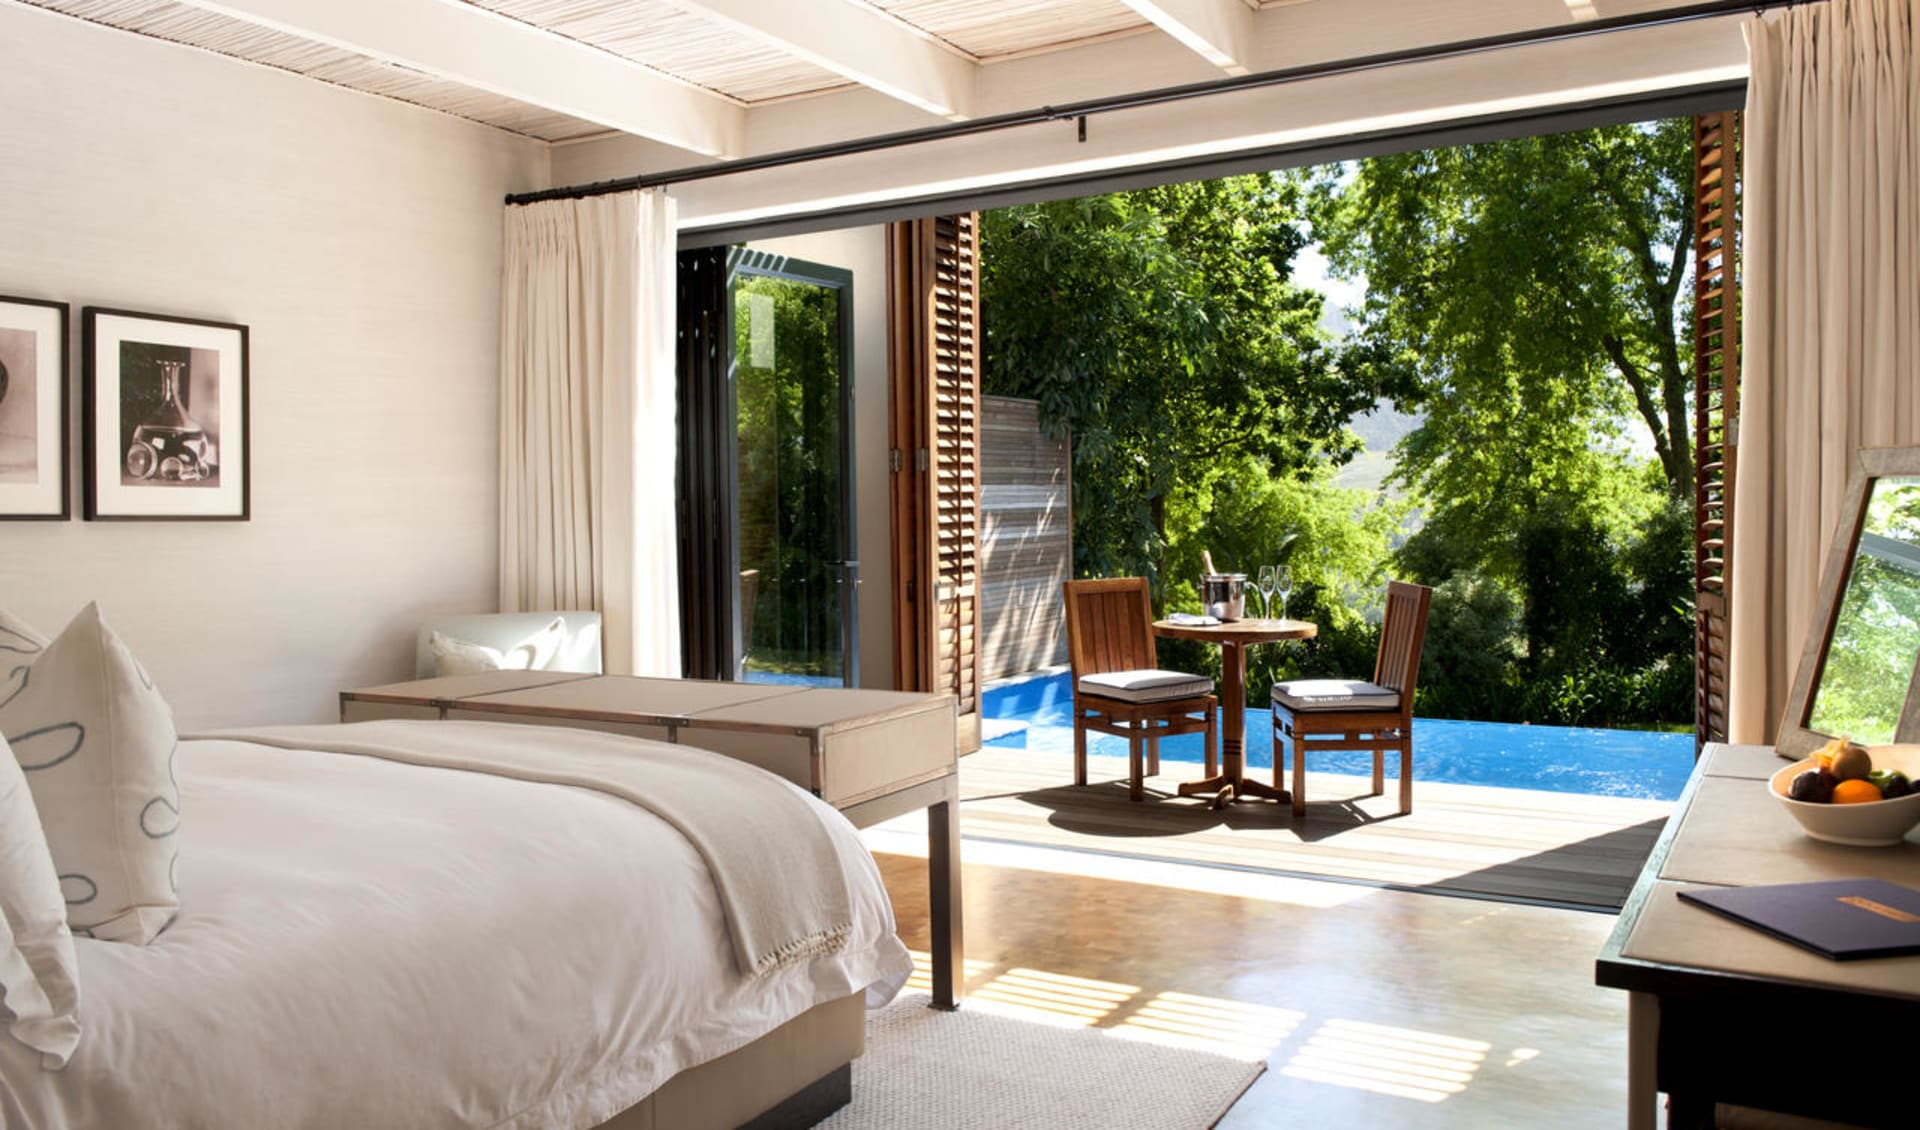 Delaire Graff Estate in Stellenbosch:  Delaire Graff Estate - Deluxe Hotelzimmer